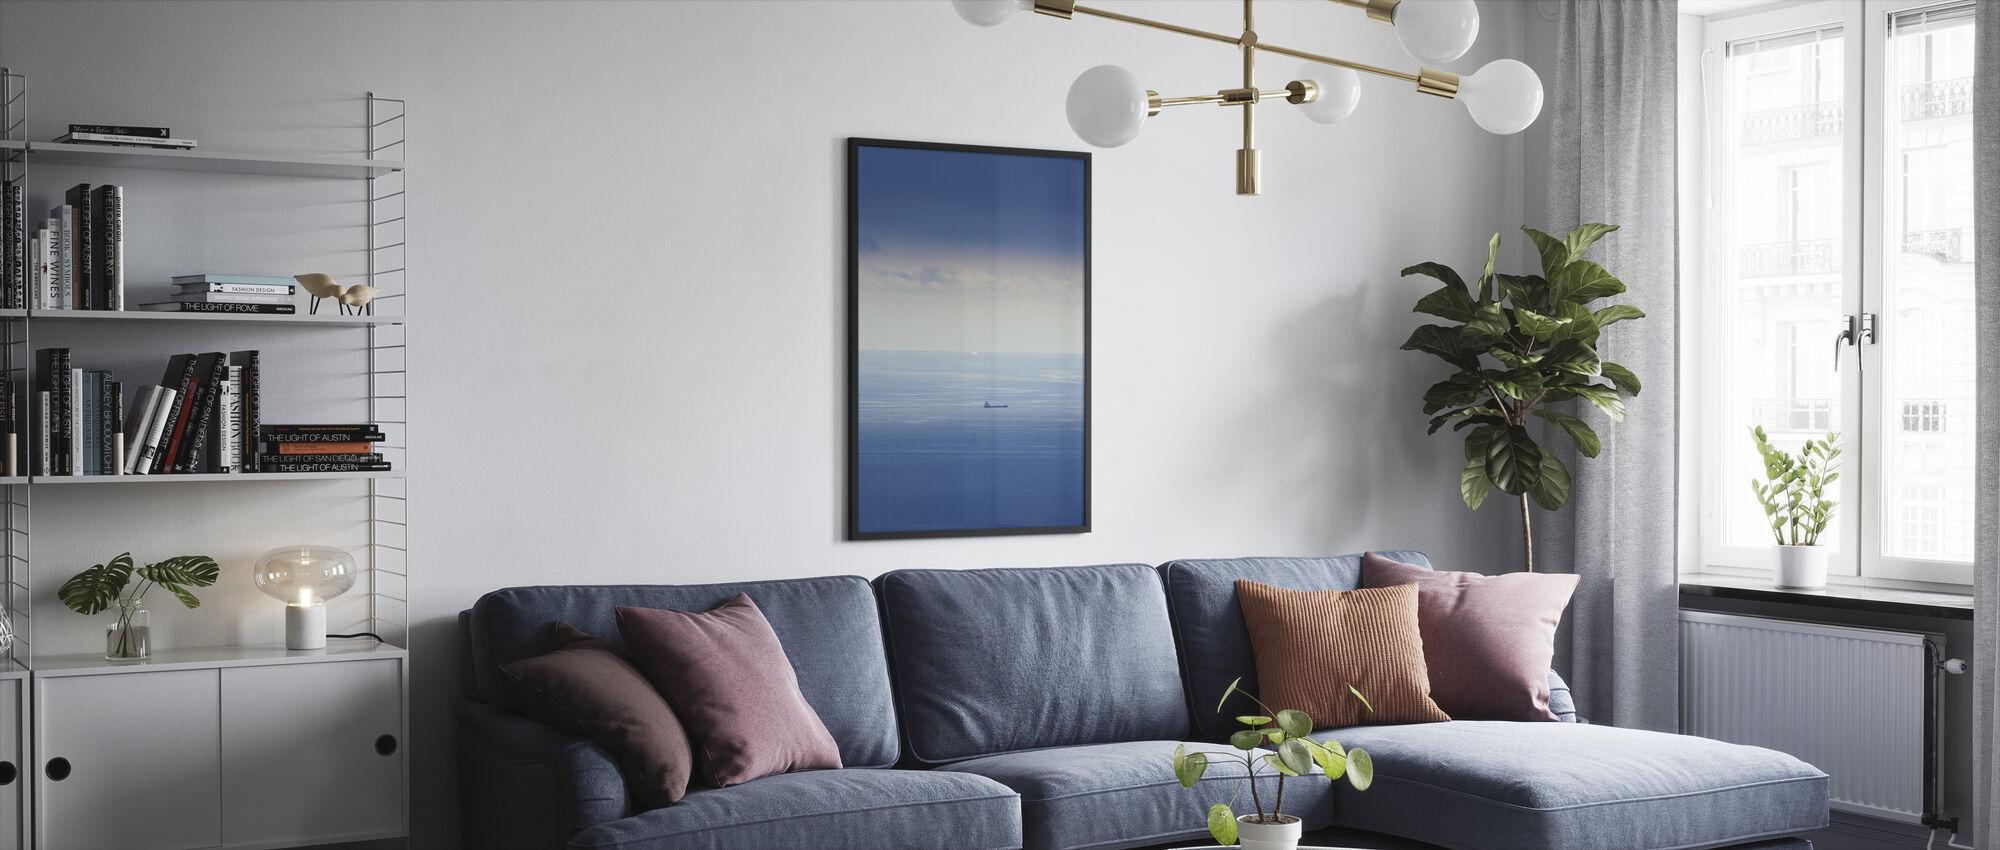 Ship in Mediterranean Sea - Framed print - Living Room